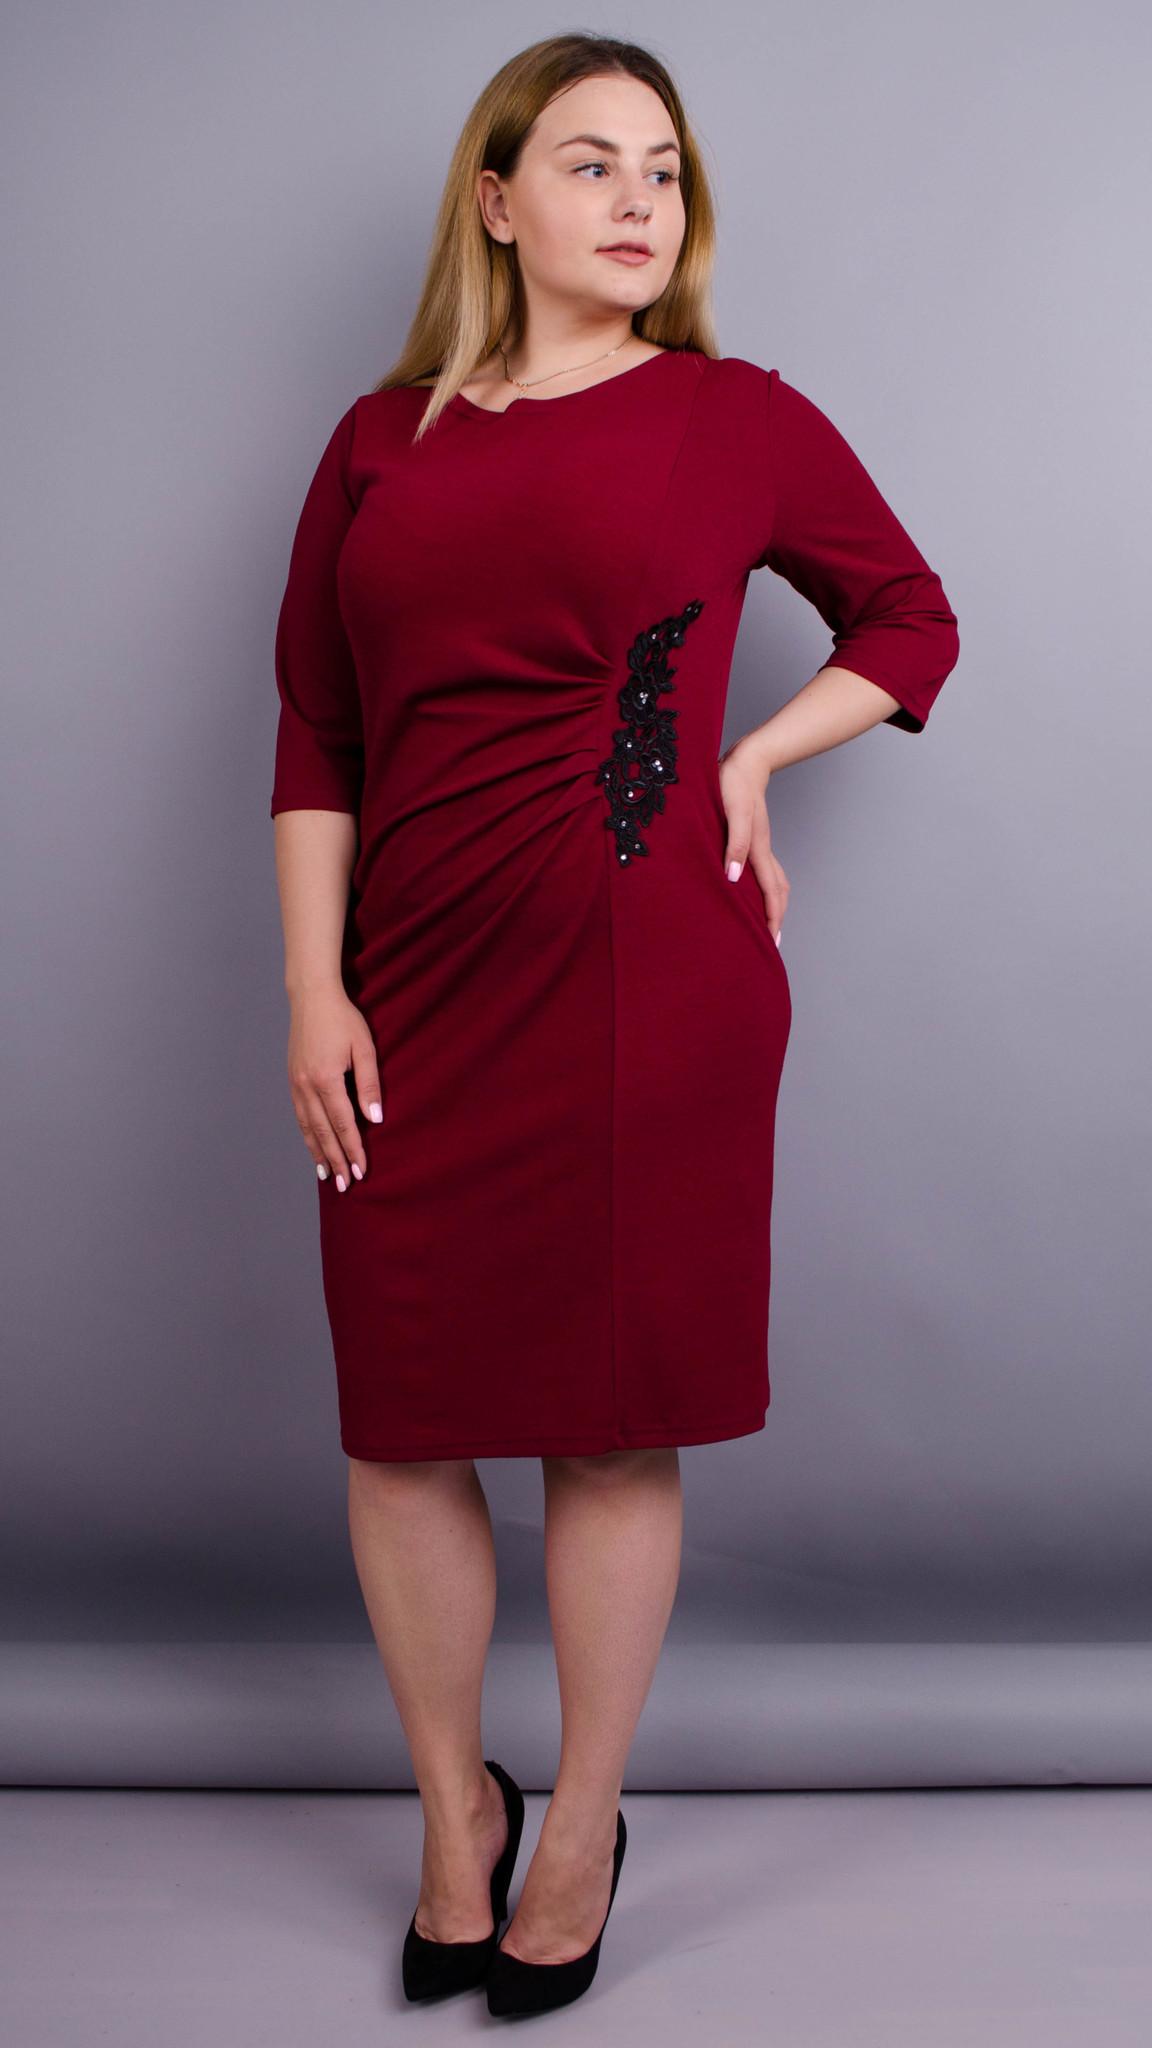 Тейлор. Красива жіноча сукня великих розмірів. Бордо. - купить по ... 530167bc2ab48